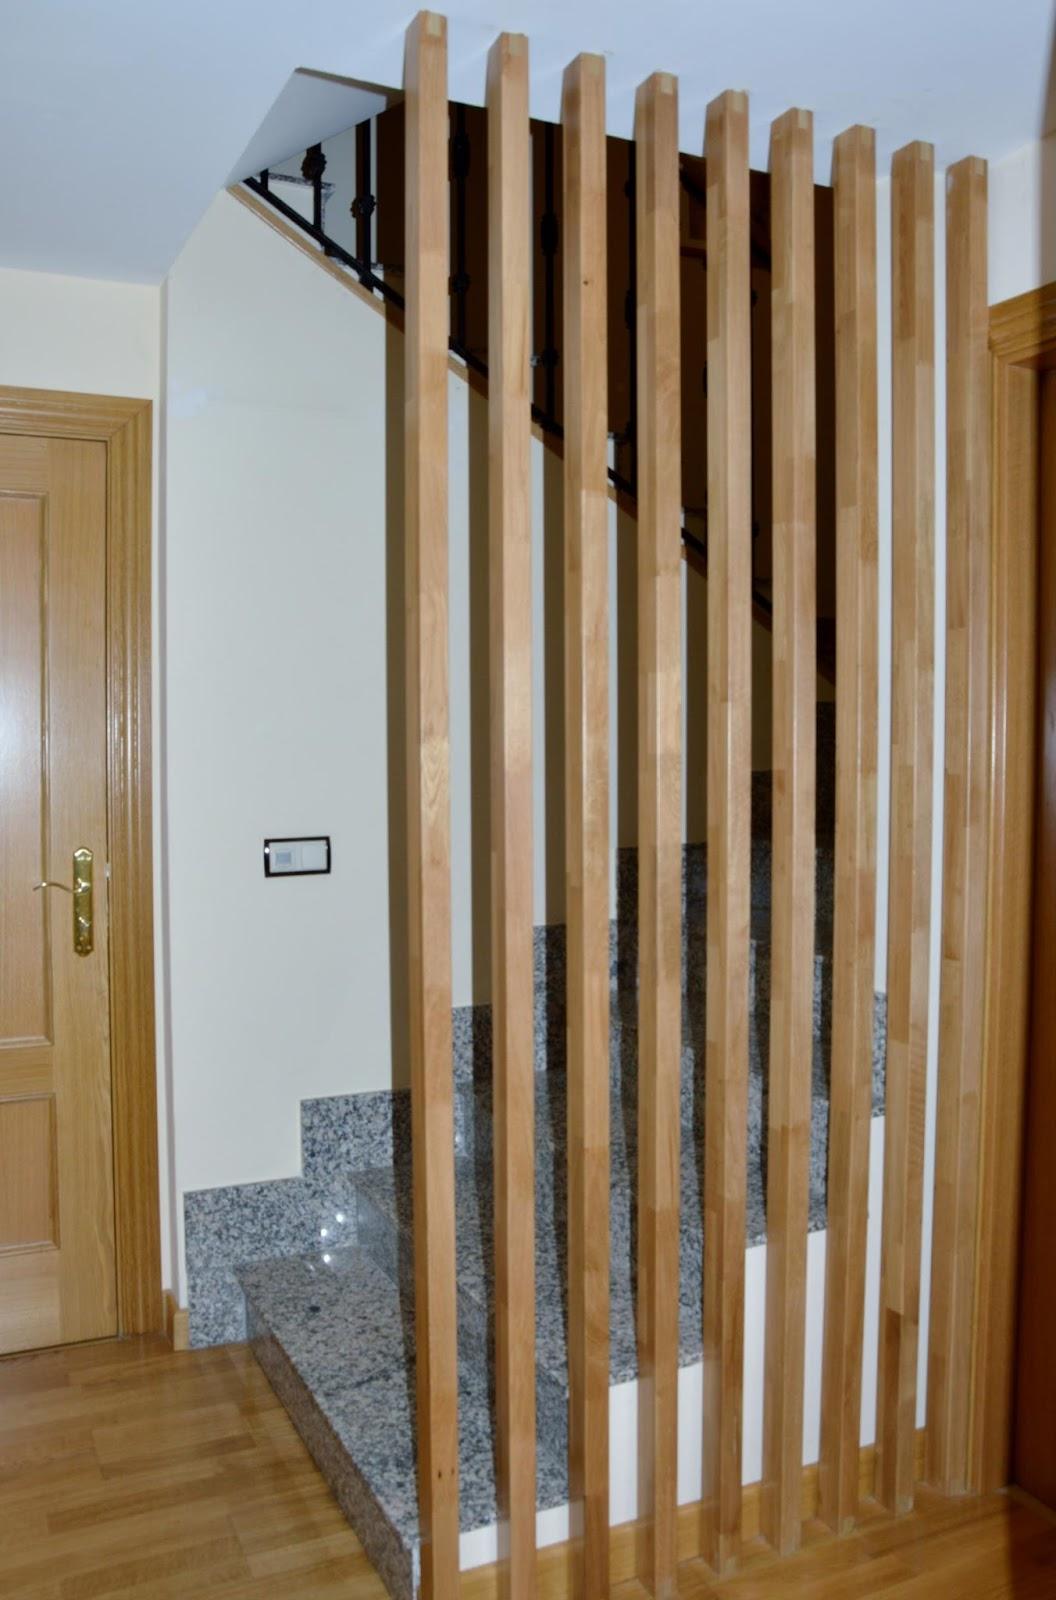 I d e a listones de madera for Listones de madera para palets